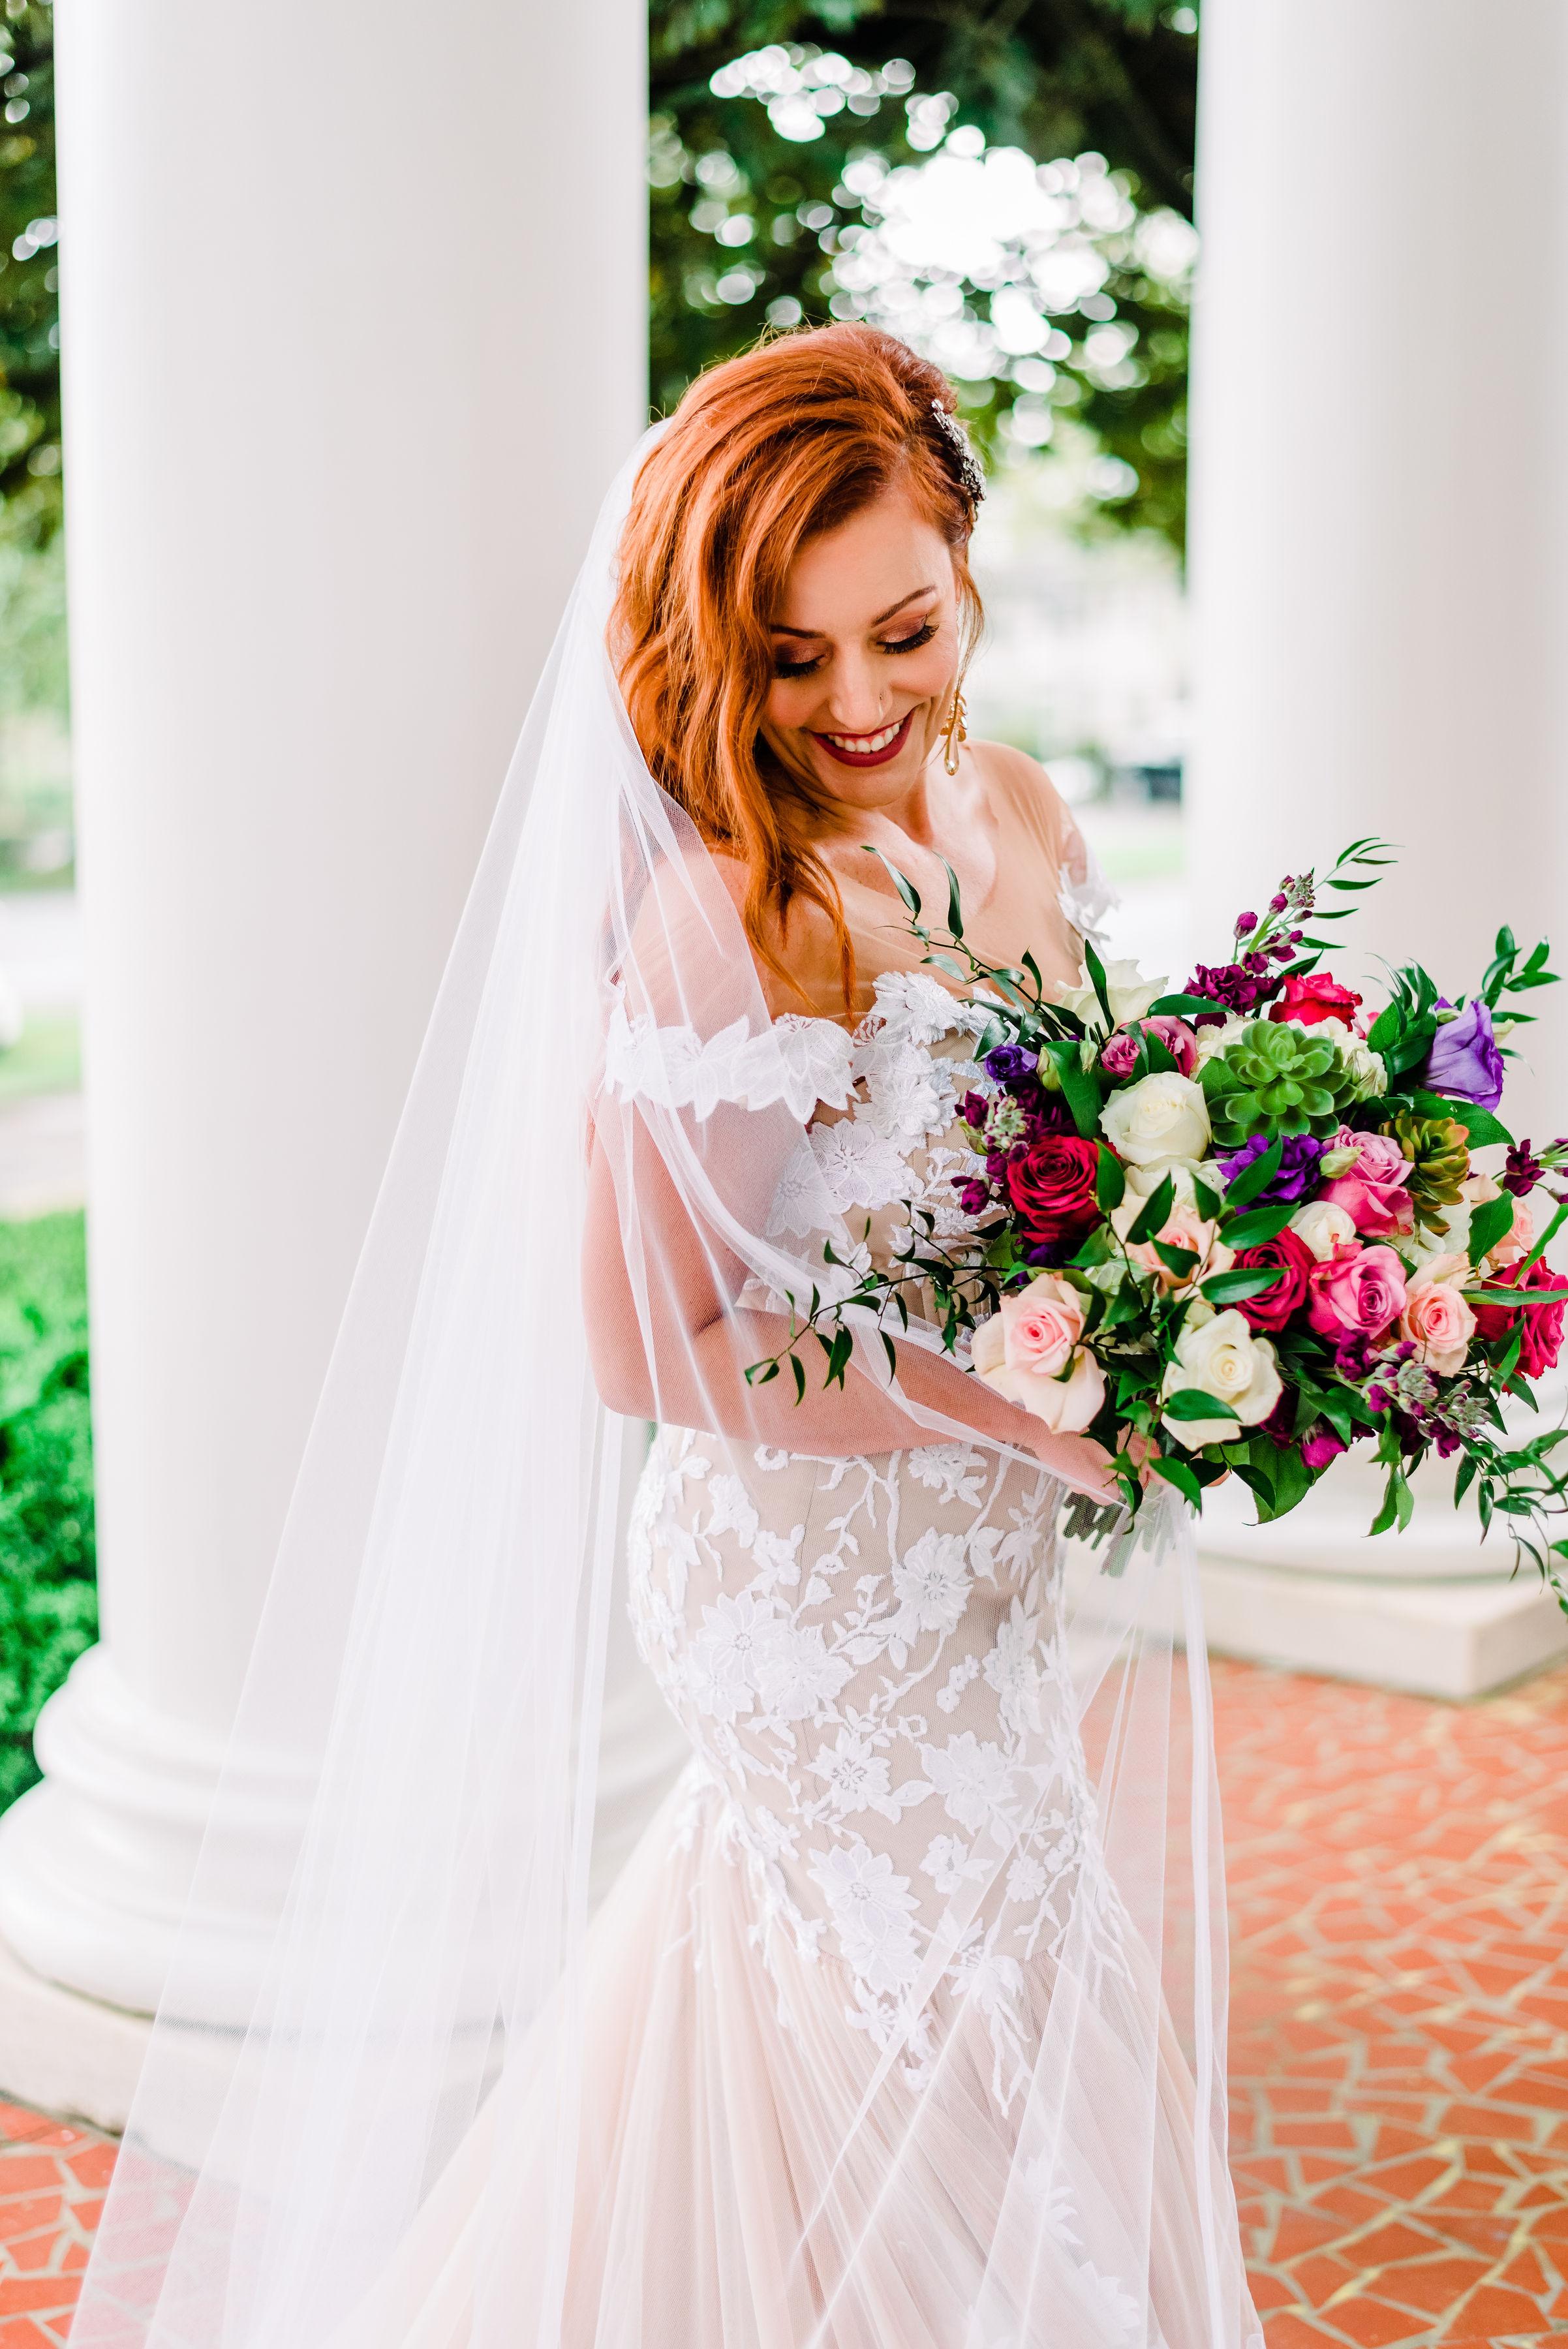 AshleyF_bridals-44.jpg